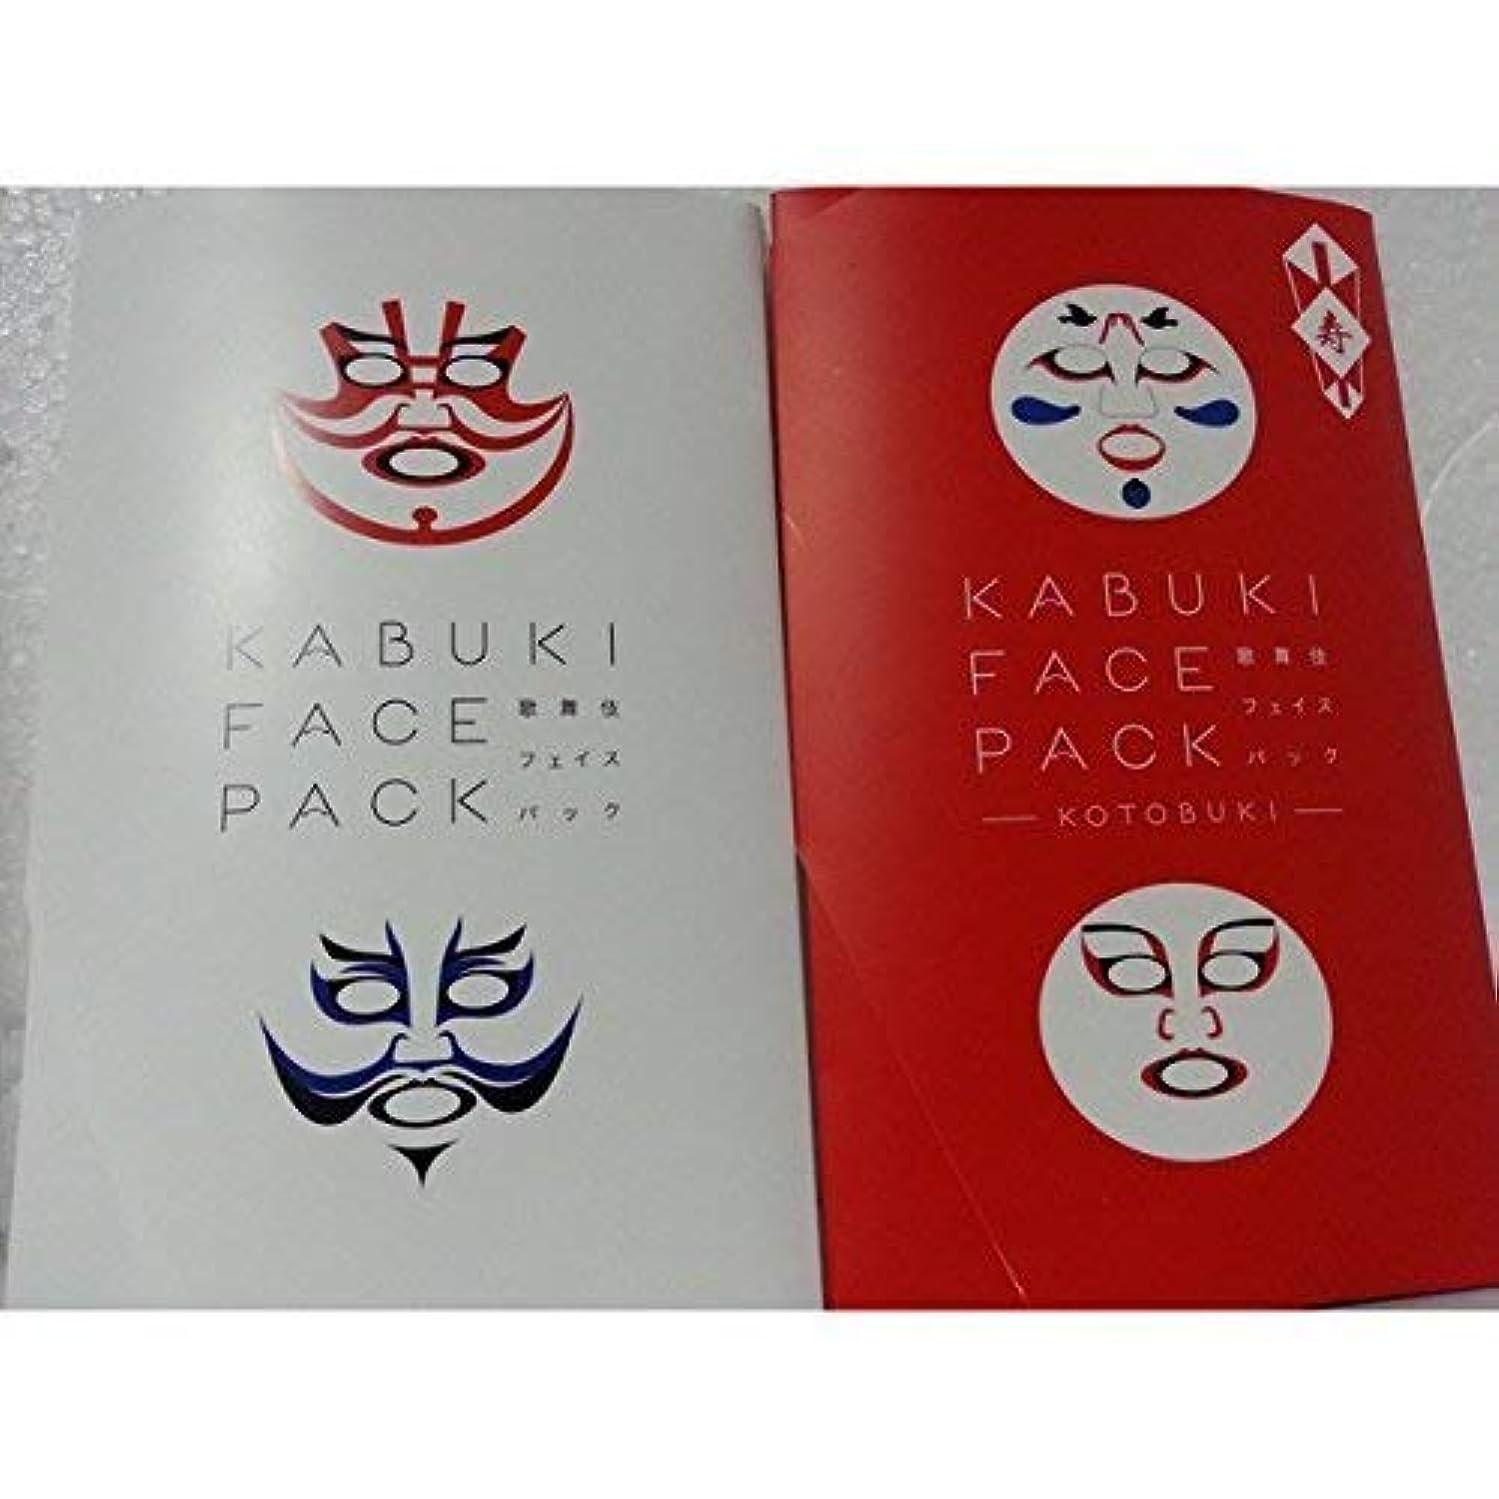 離婚カルシウム一晩歌舞伎フェイスパック&歌舞伎フェイスパック寿 KABUKI FACE PACK&KABUKI FACE PACK KOTOBUKI